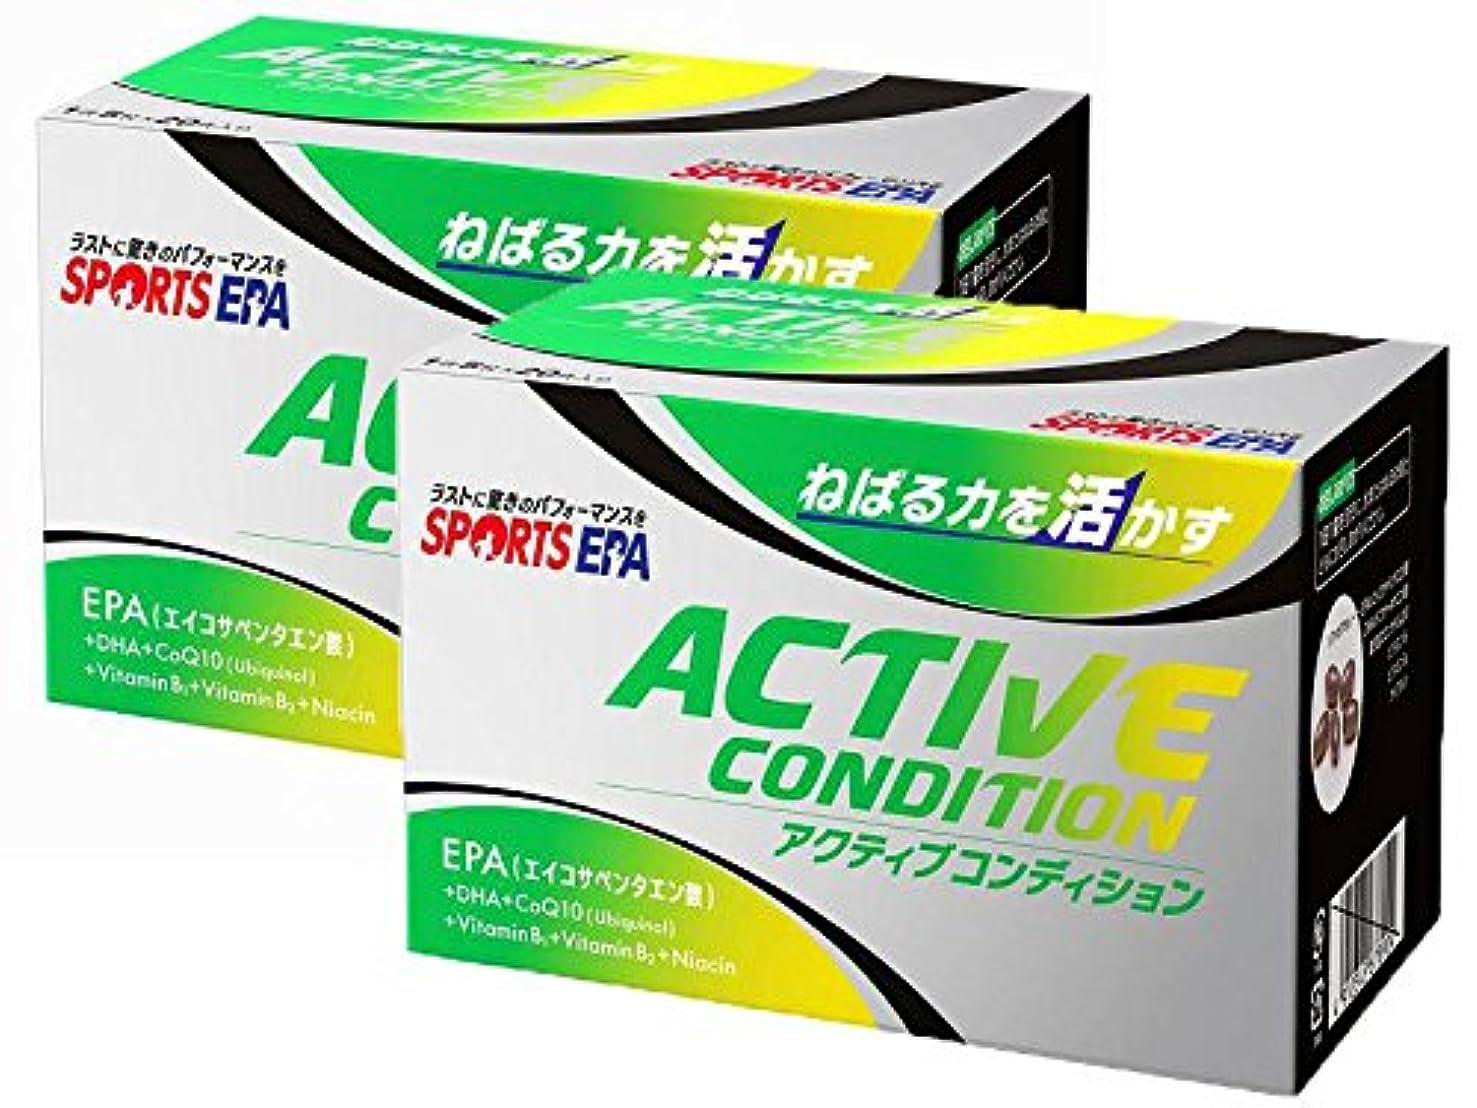 誇張反対するゲートウェイSPORTS EPA(スポーツEPA) ACTIVE CONDITION(分包) アクティブコンディション 20袋入り×2箱 69083-2SET